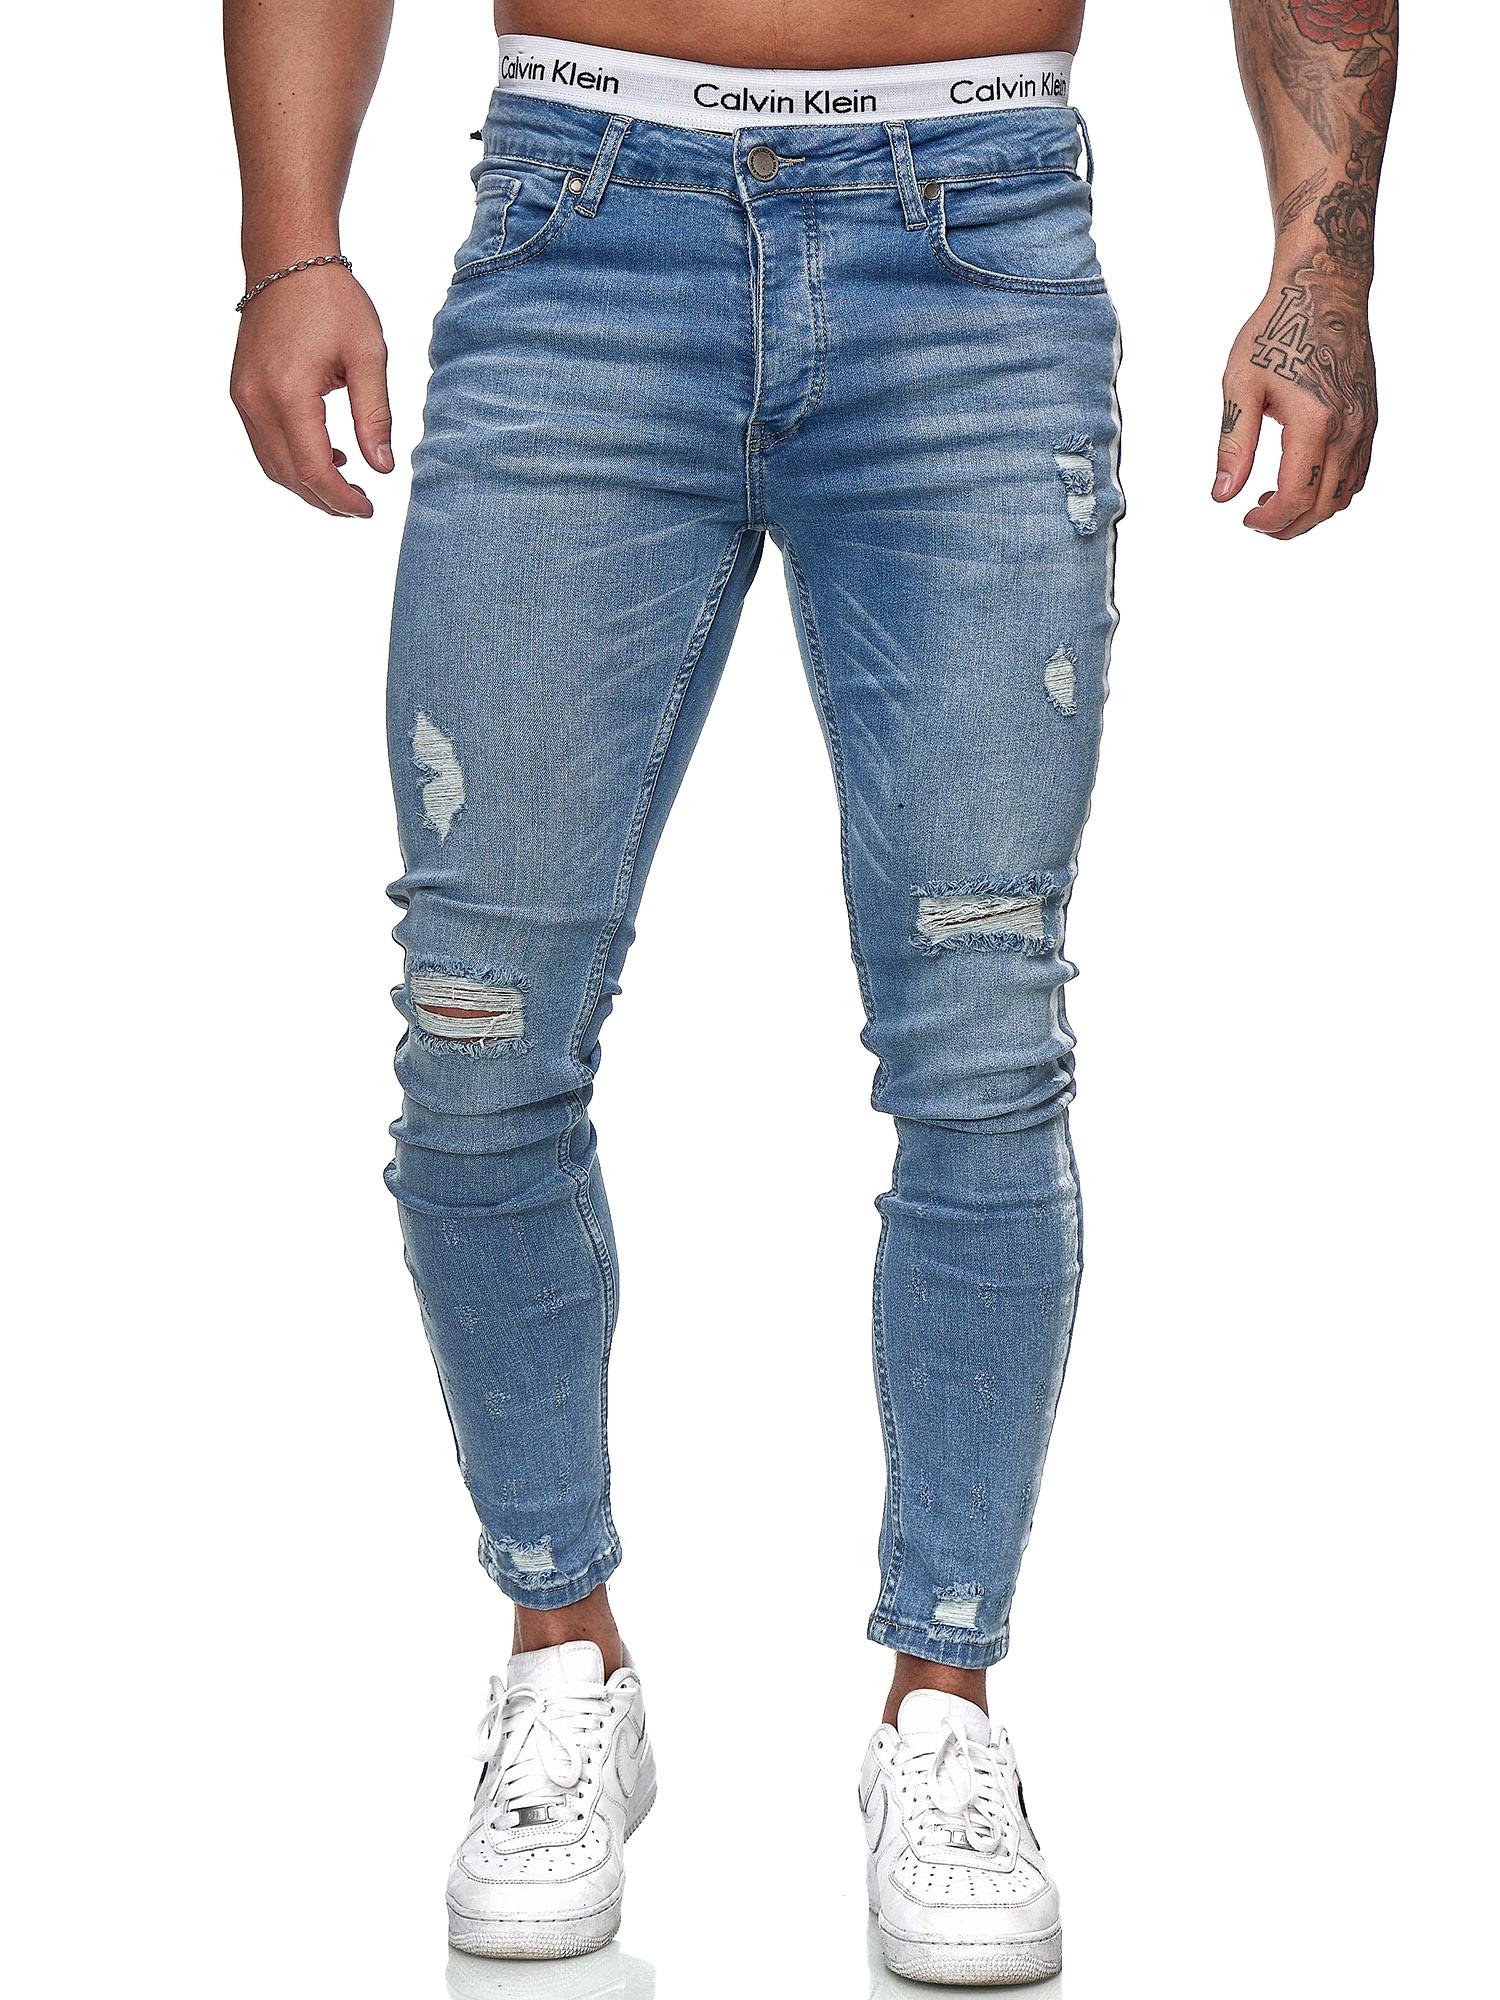 Herren Jeans Hose Slim Fit Männer Skinny Denim Designerjeans KO6008J ST